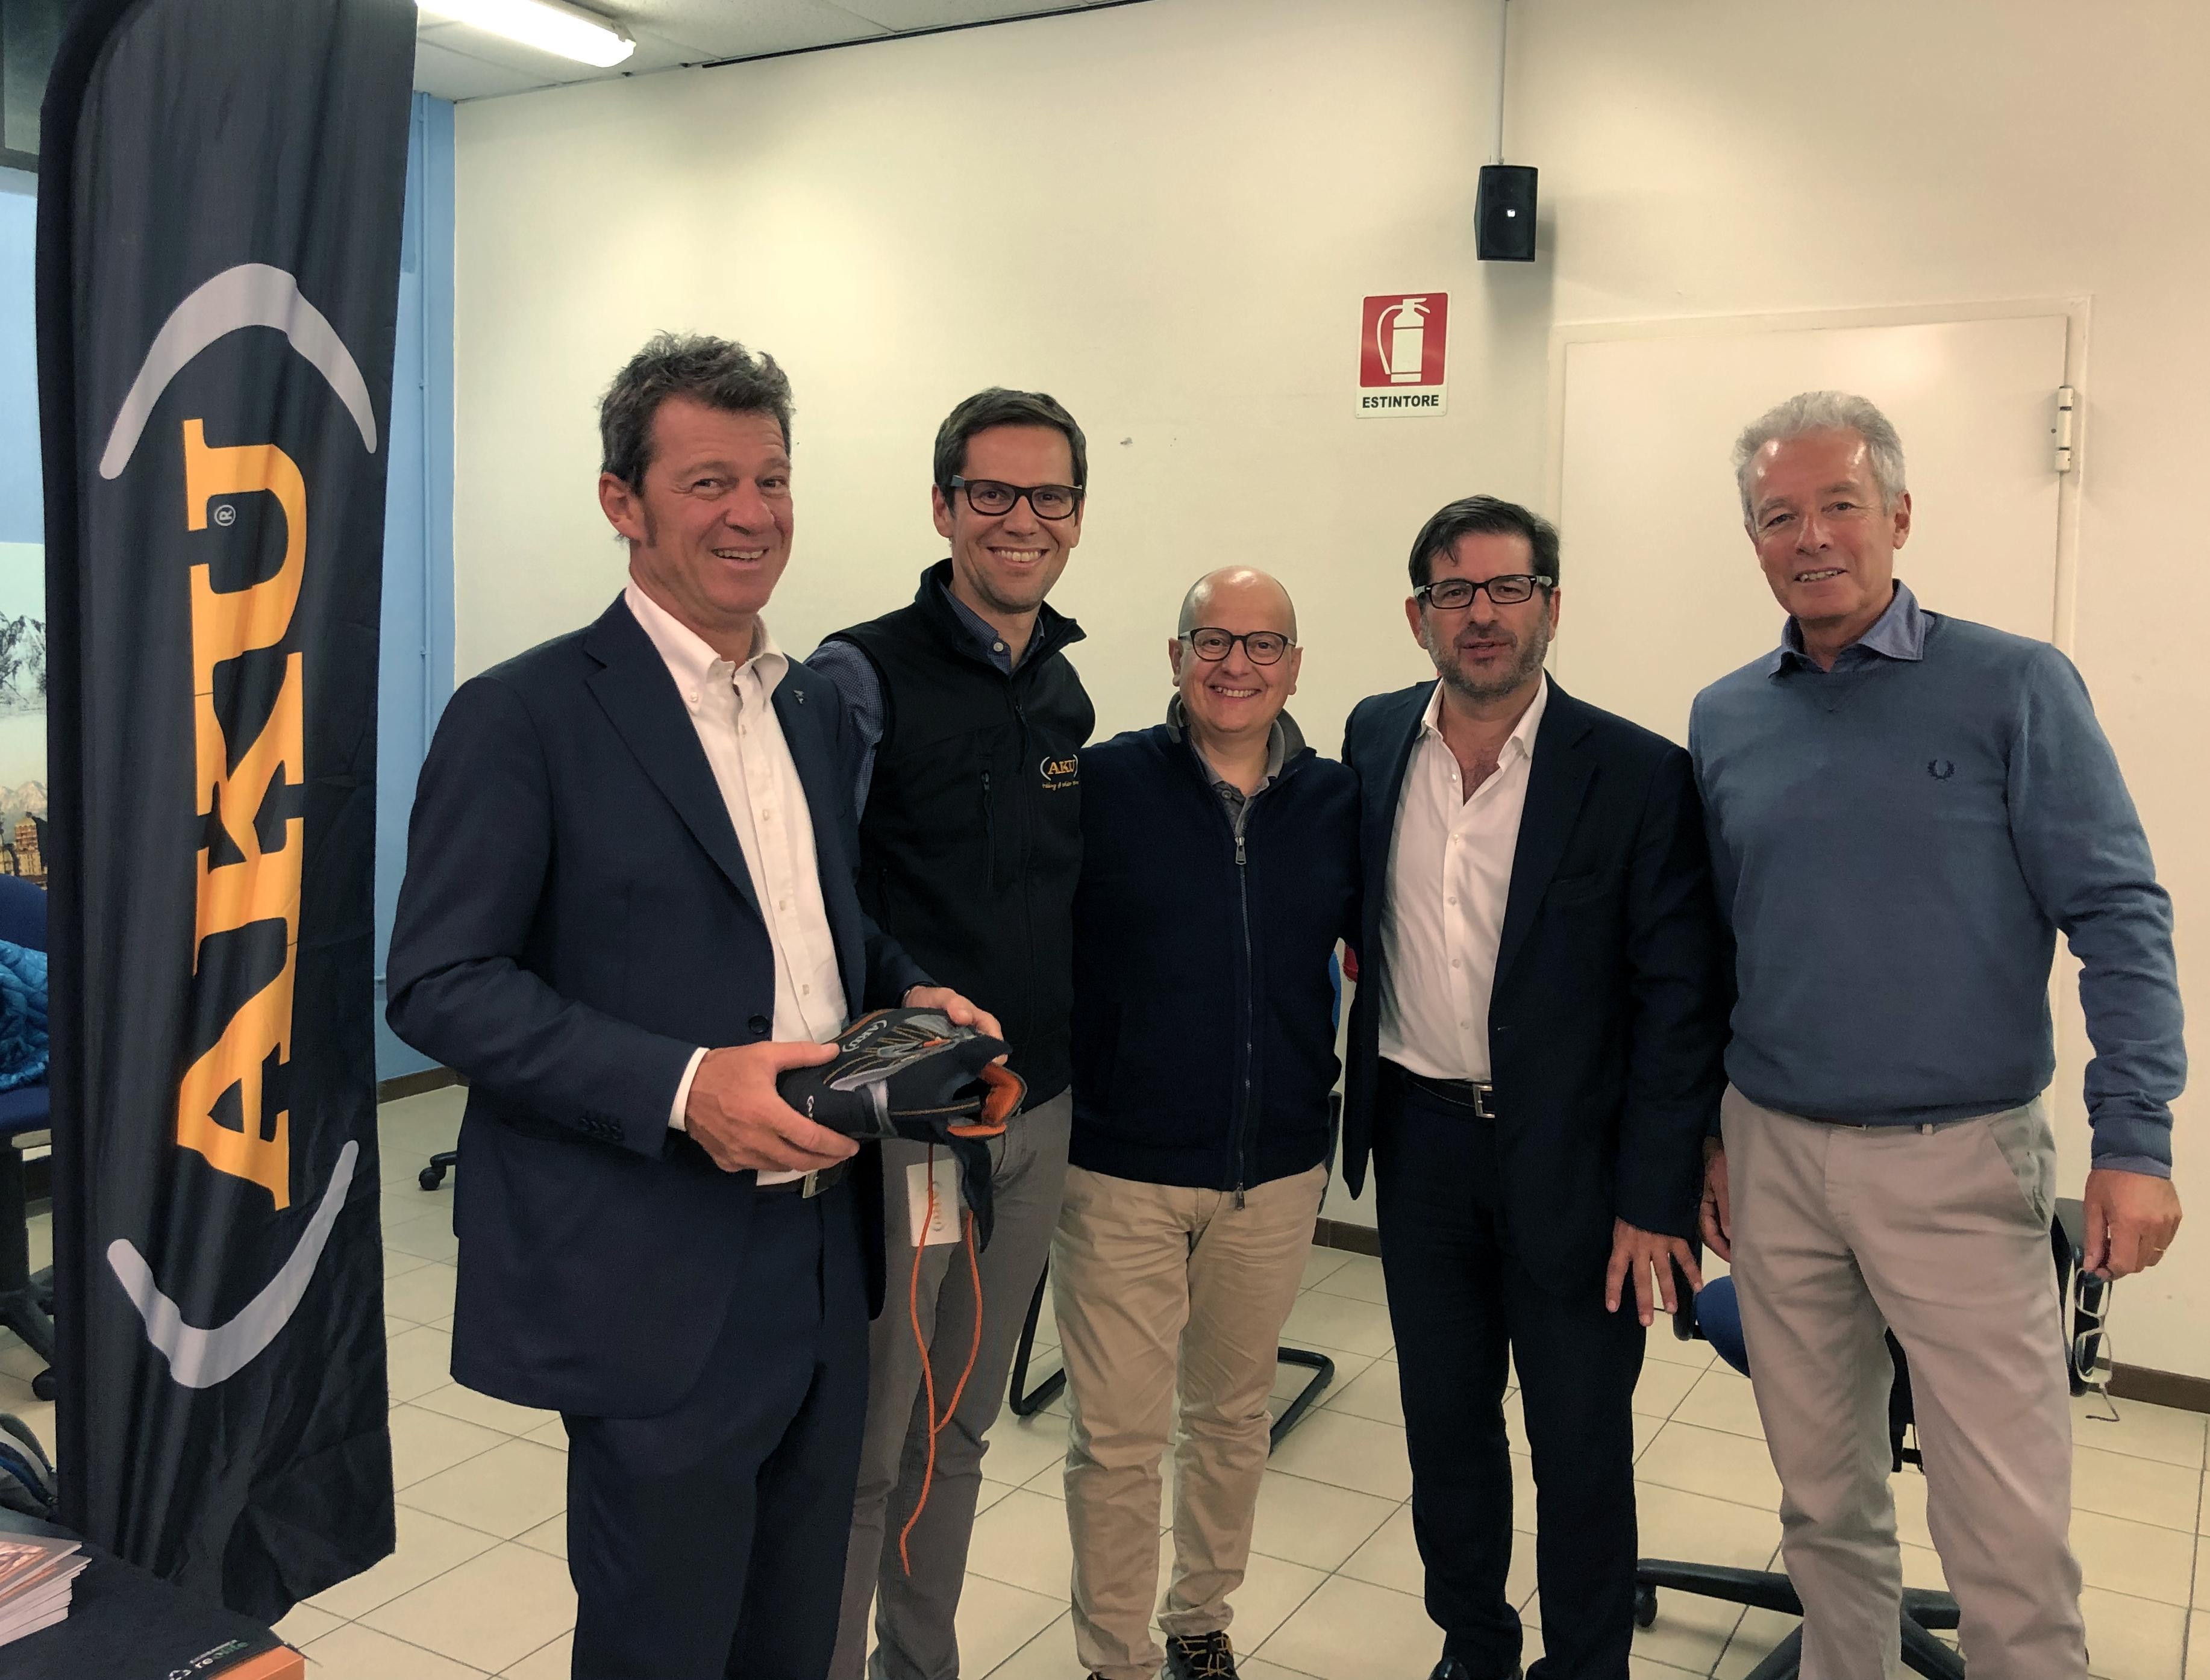 Da sinistra: il presidente Cai Milano, Massimo Minotti, Giulio Piccin di AKU, Camillo Calloni rappresentante AKU per la Lombardia, Roberto Monguzzi vicepresidente Cai Milano, Alfredo Tradati